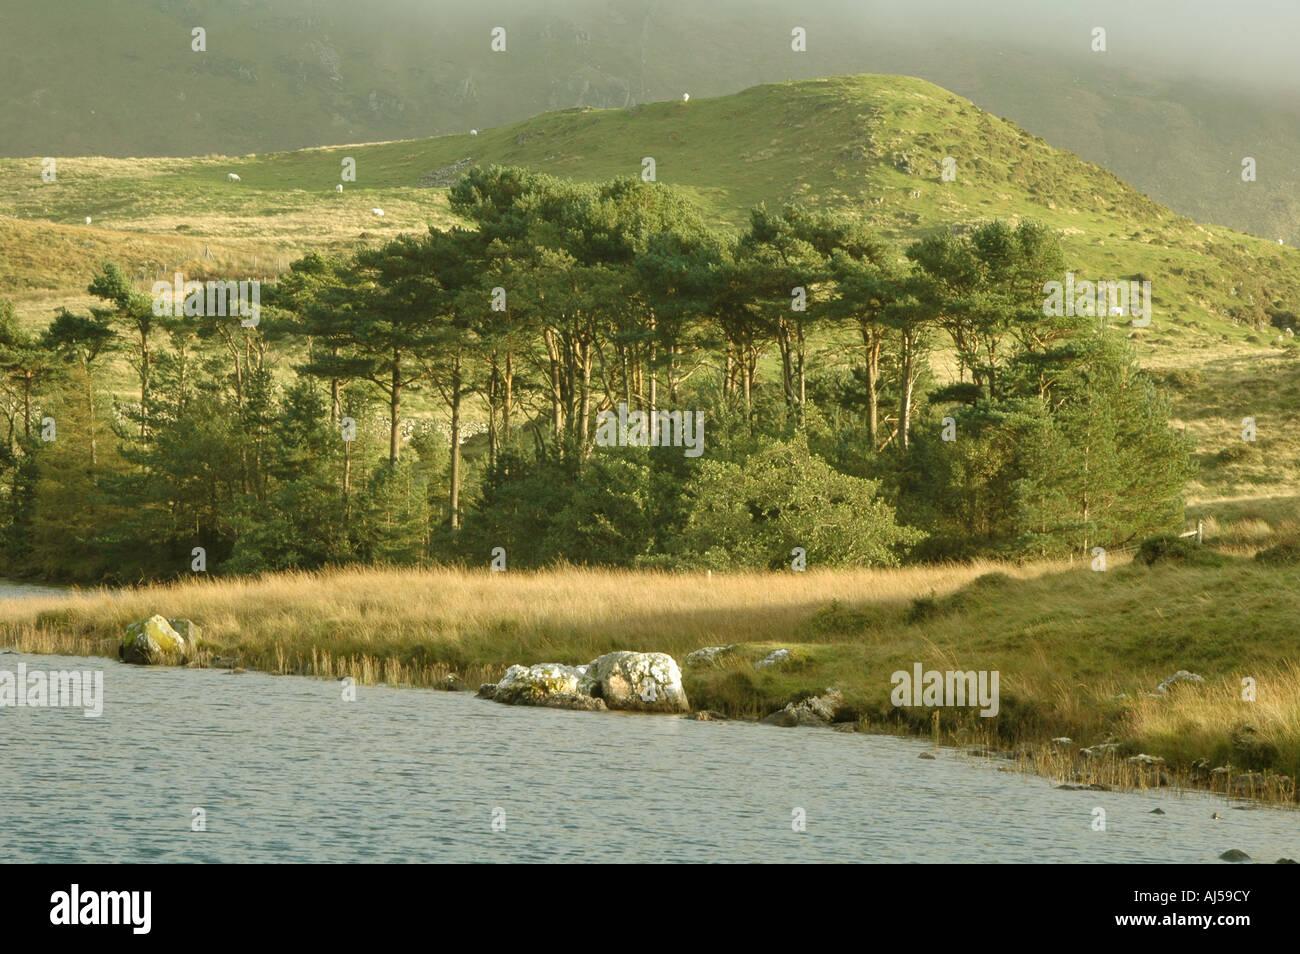 Wäldchen von Kiefern im Herbst Sonne Licht - Snowdonia - Llynnau Cregennen Seen Stockbild